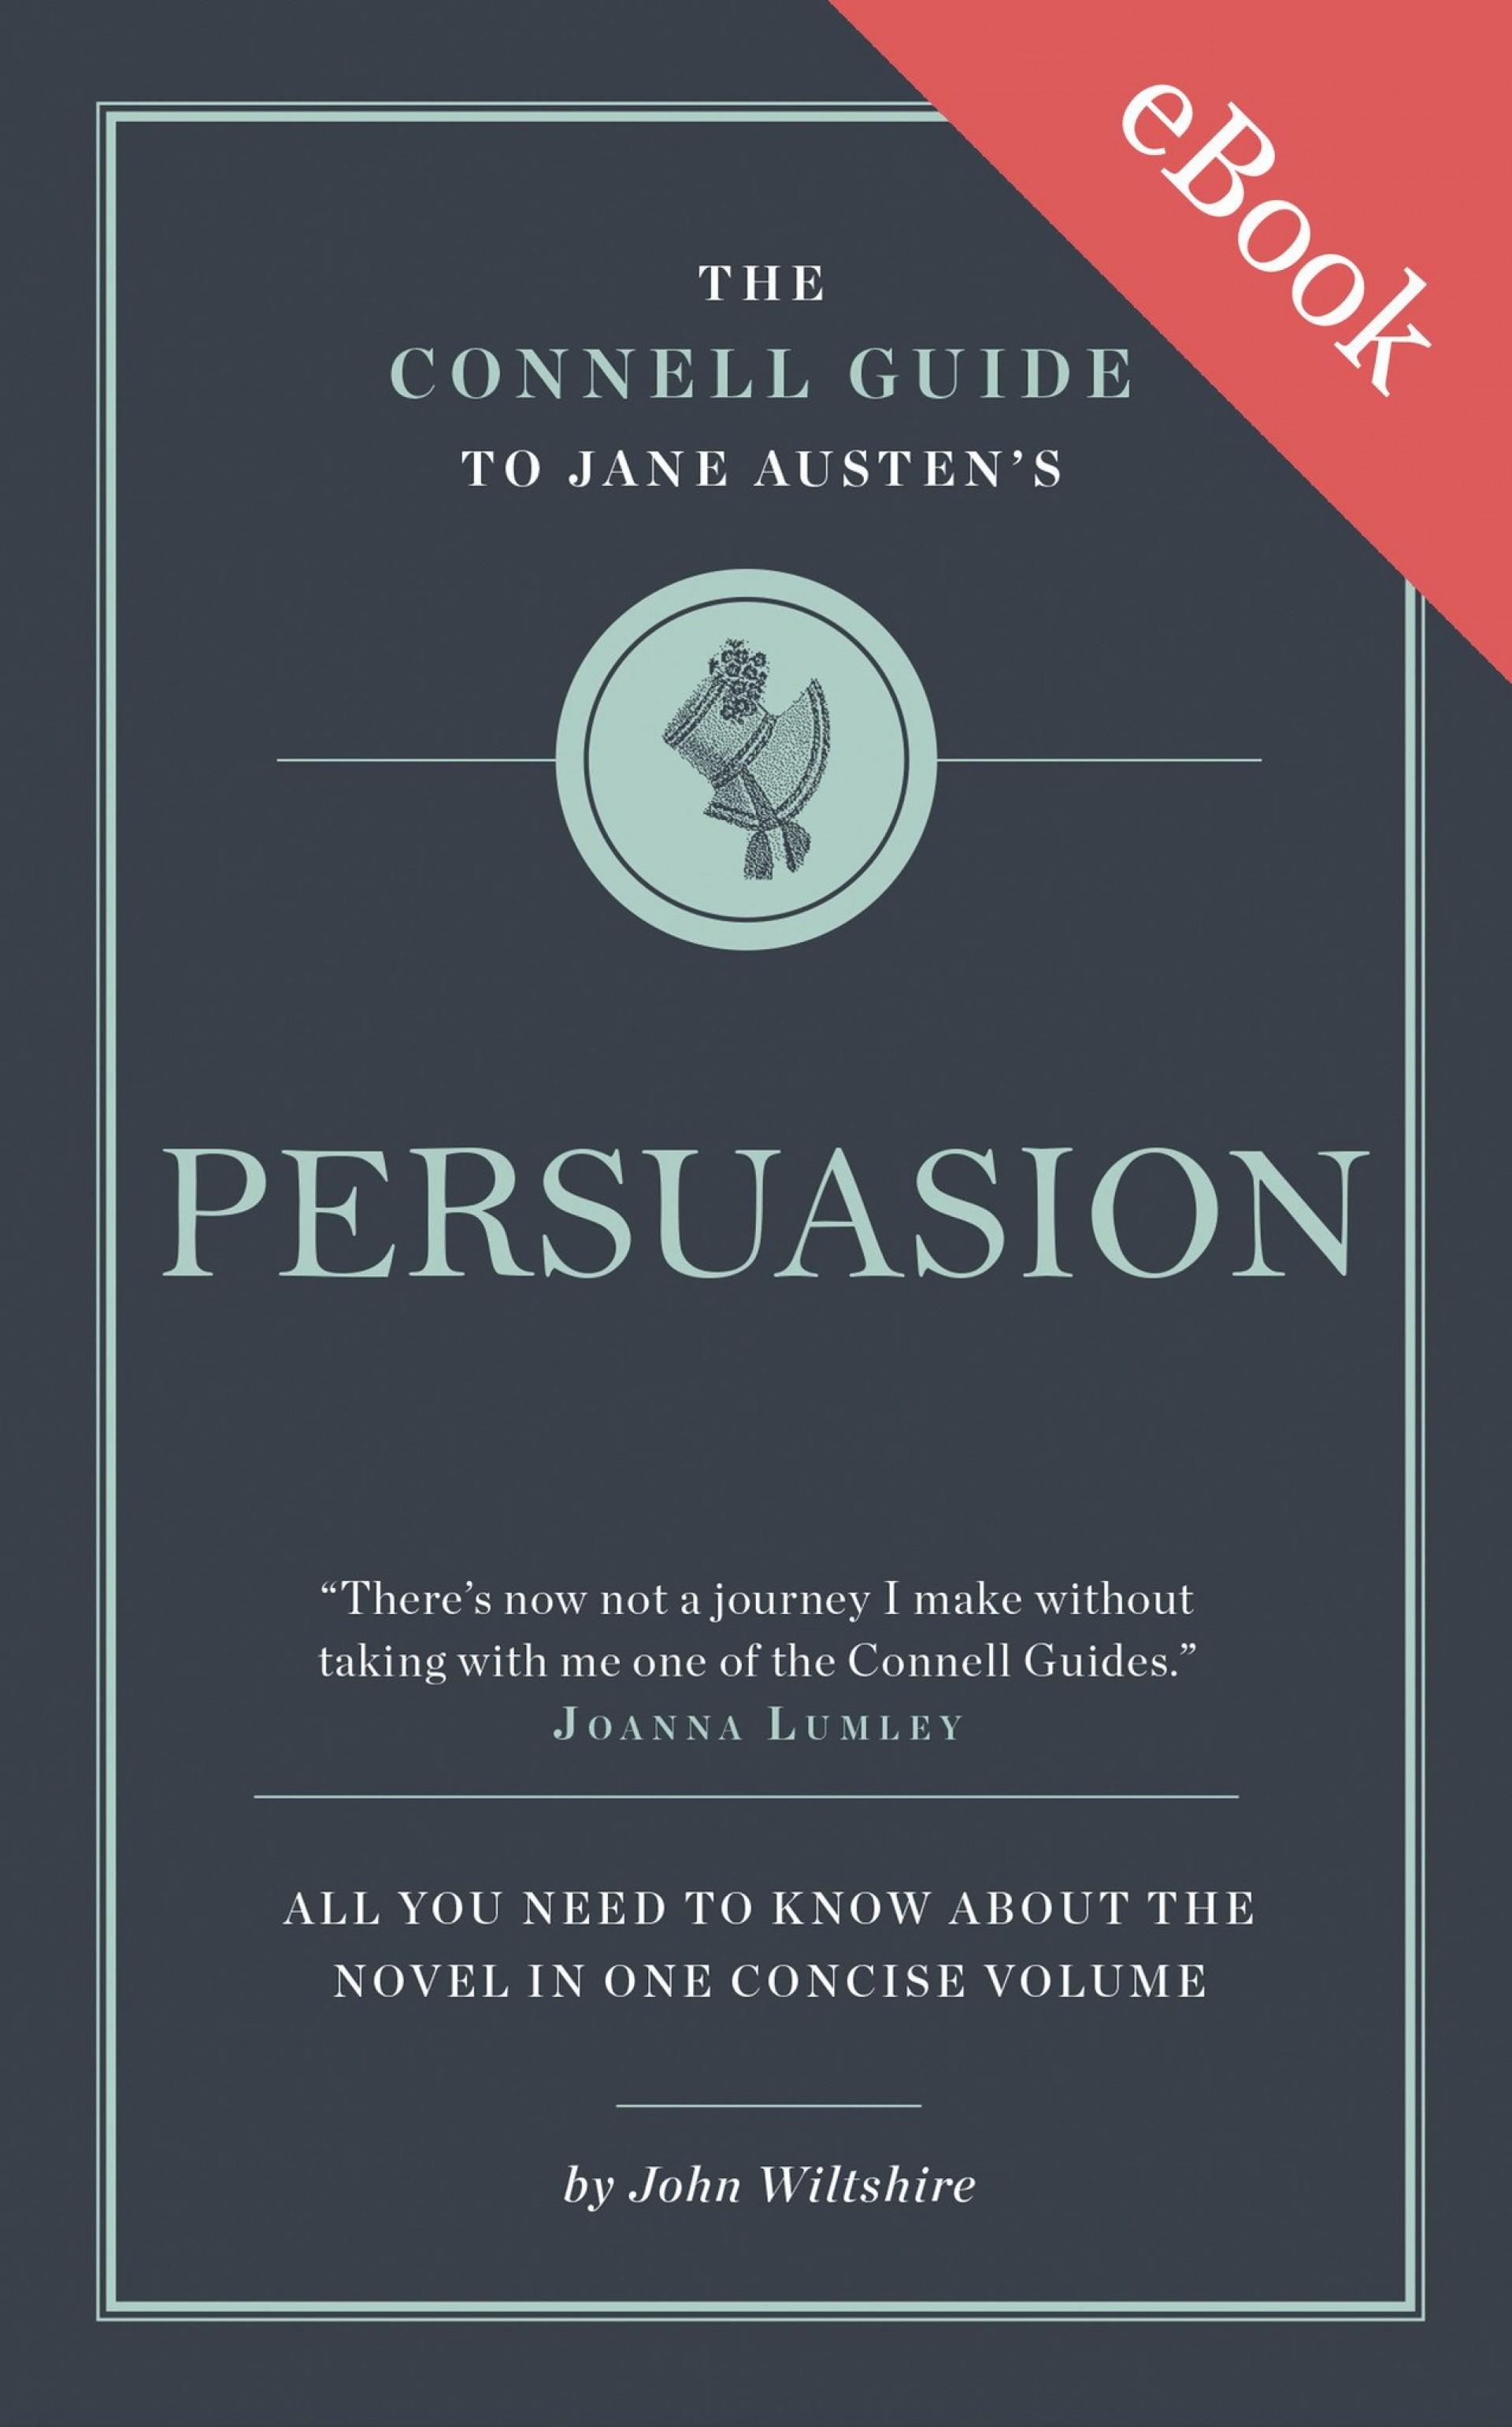 016 Essay Example Ebookv1470927528 Essays In Remarkable Persuasion Audiobook Pdf John Maynard Keynes Summary 1920